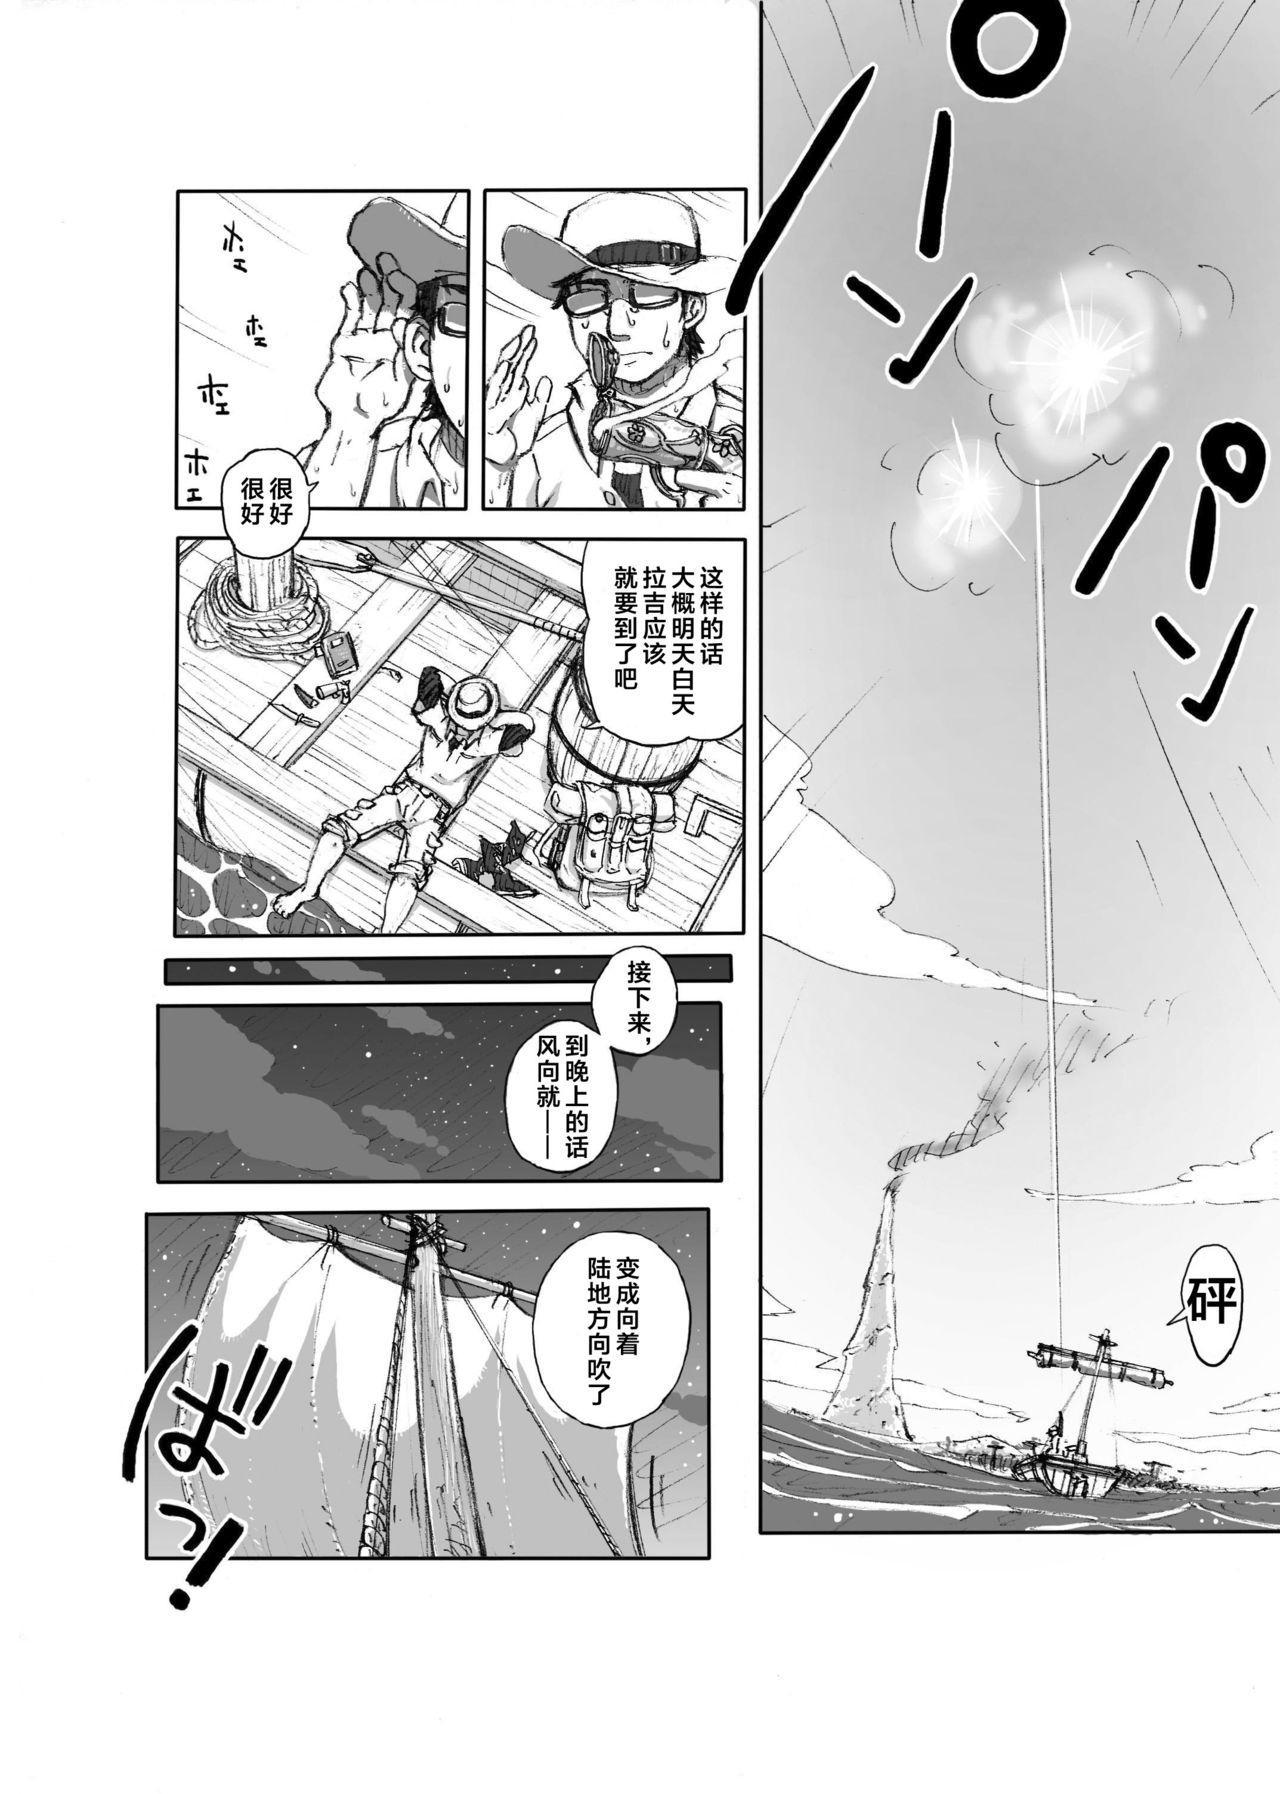 Hepoe no Kuni kara 1 - Mizu no Gakusha Sensei, Hi no Buzoku no Saru ni Hazukashimerareru no Maki 2